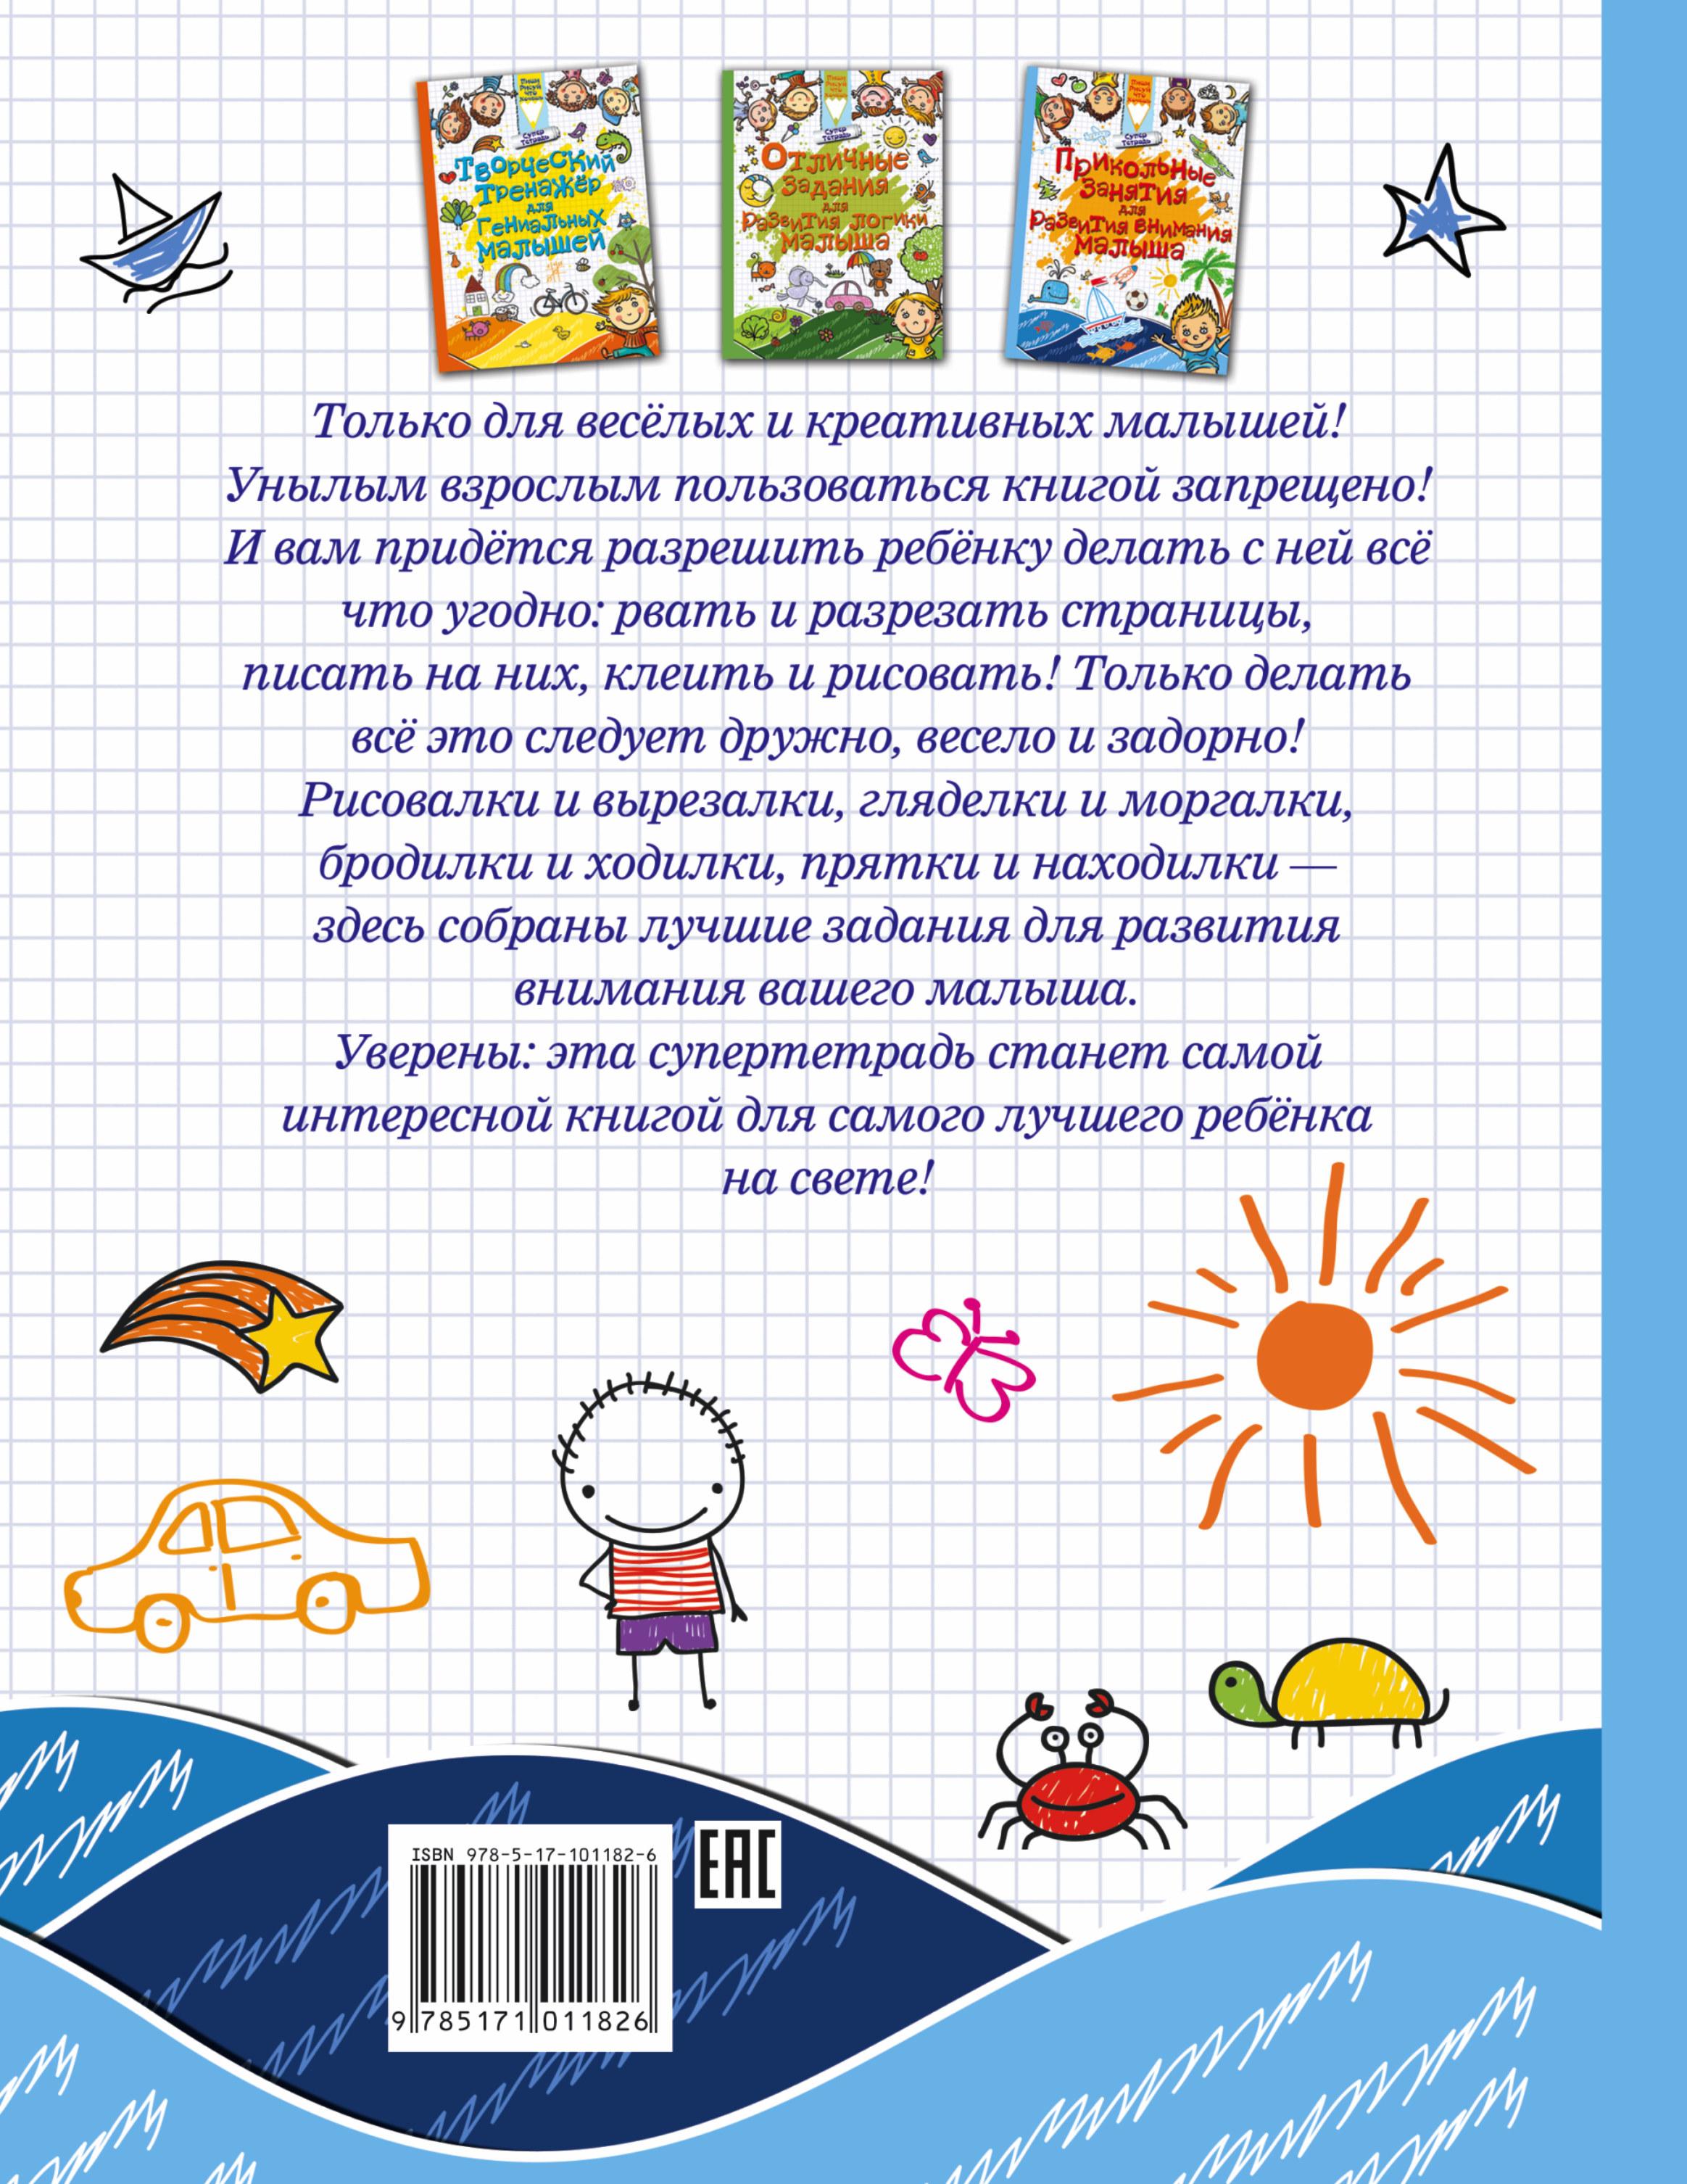 Прикольные занятия для развития внимания малыша. Людмила Доманская